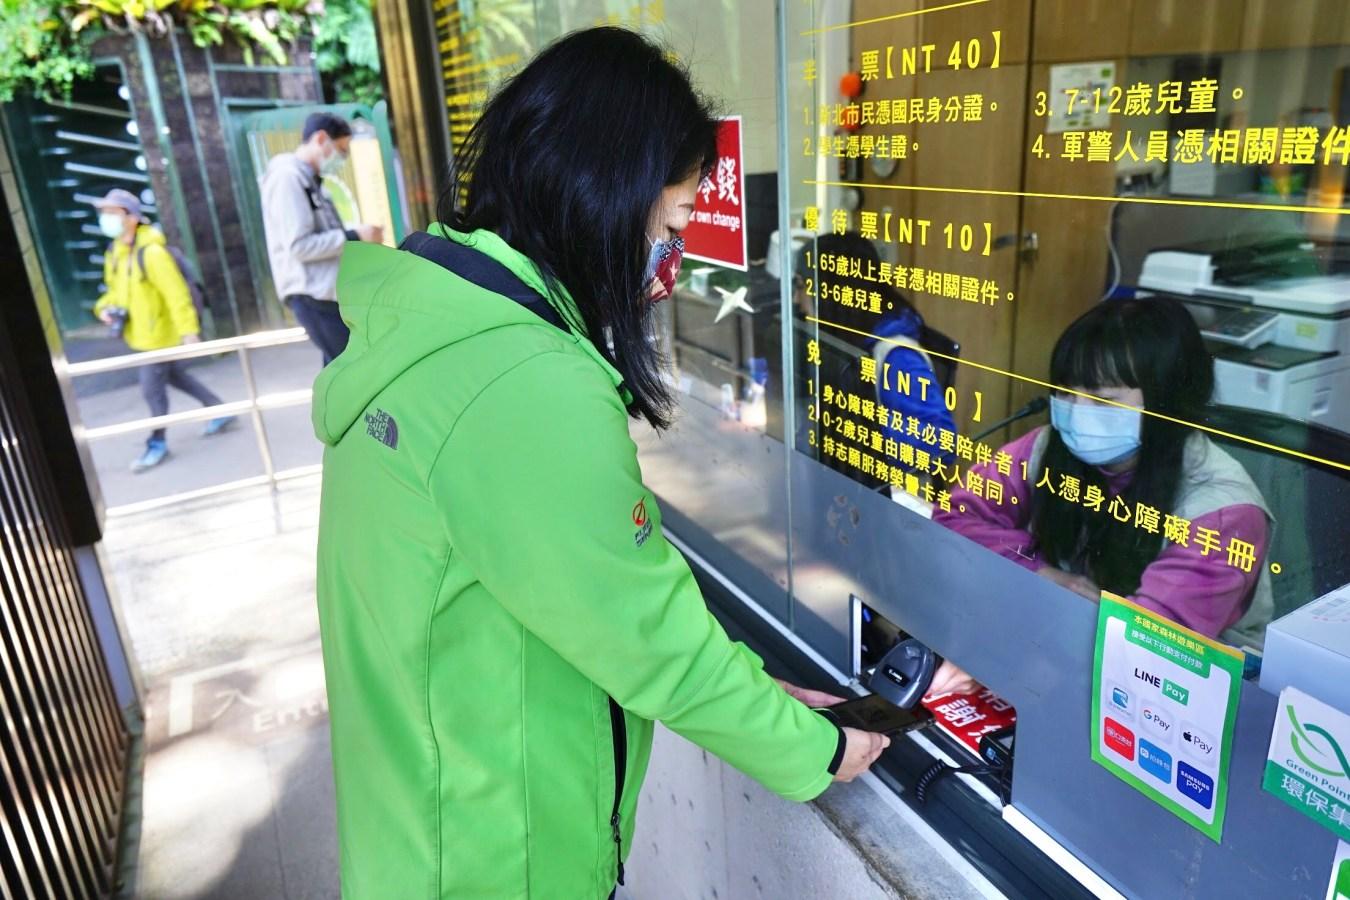 ▲遊客使用掃碼支付付款購票(圖/林務局提供)